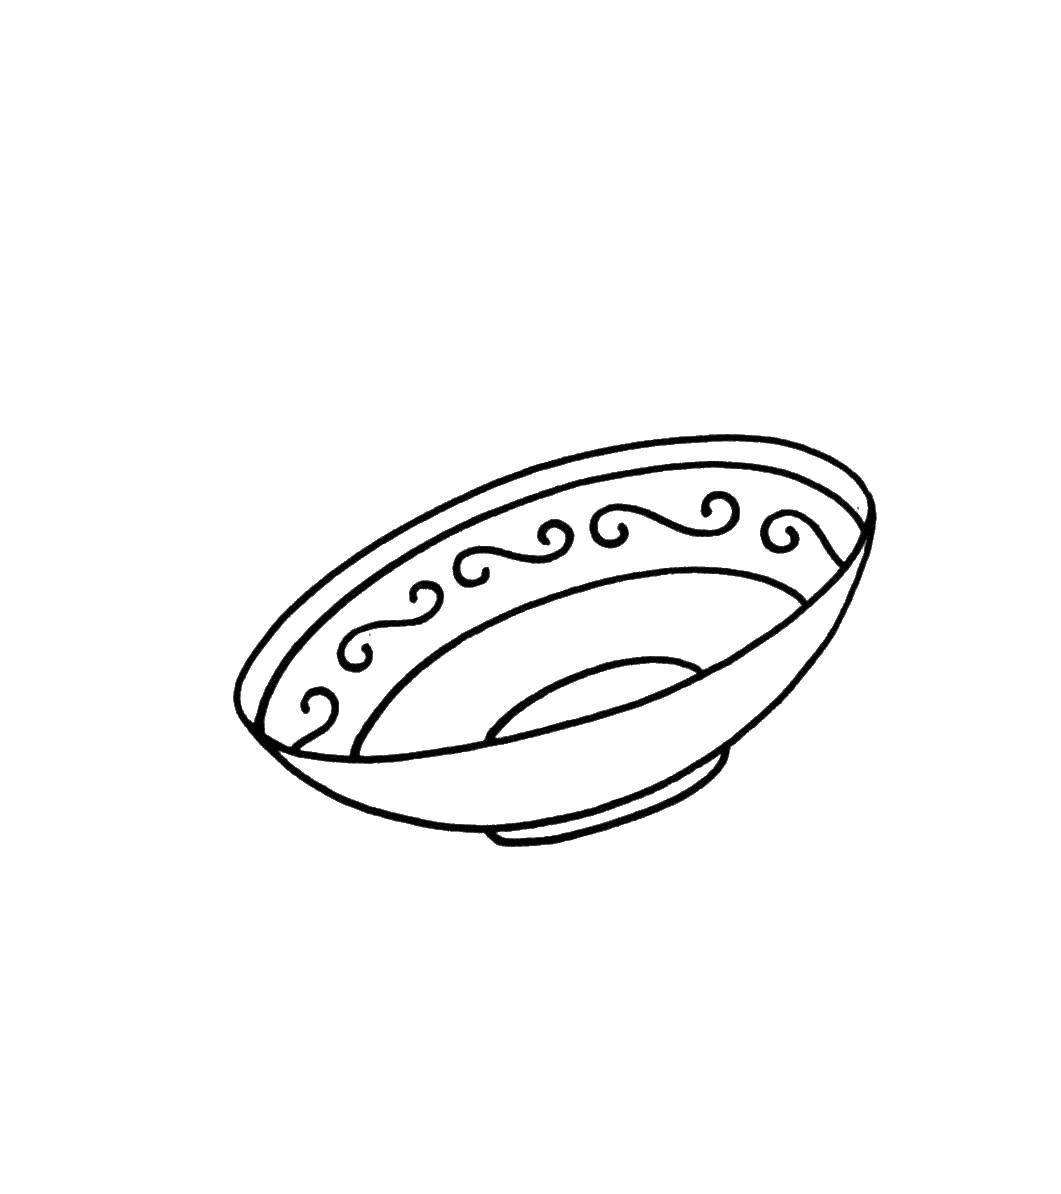 рисунки и картинки тарелок пятна